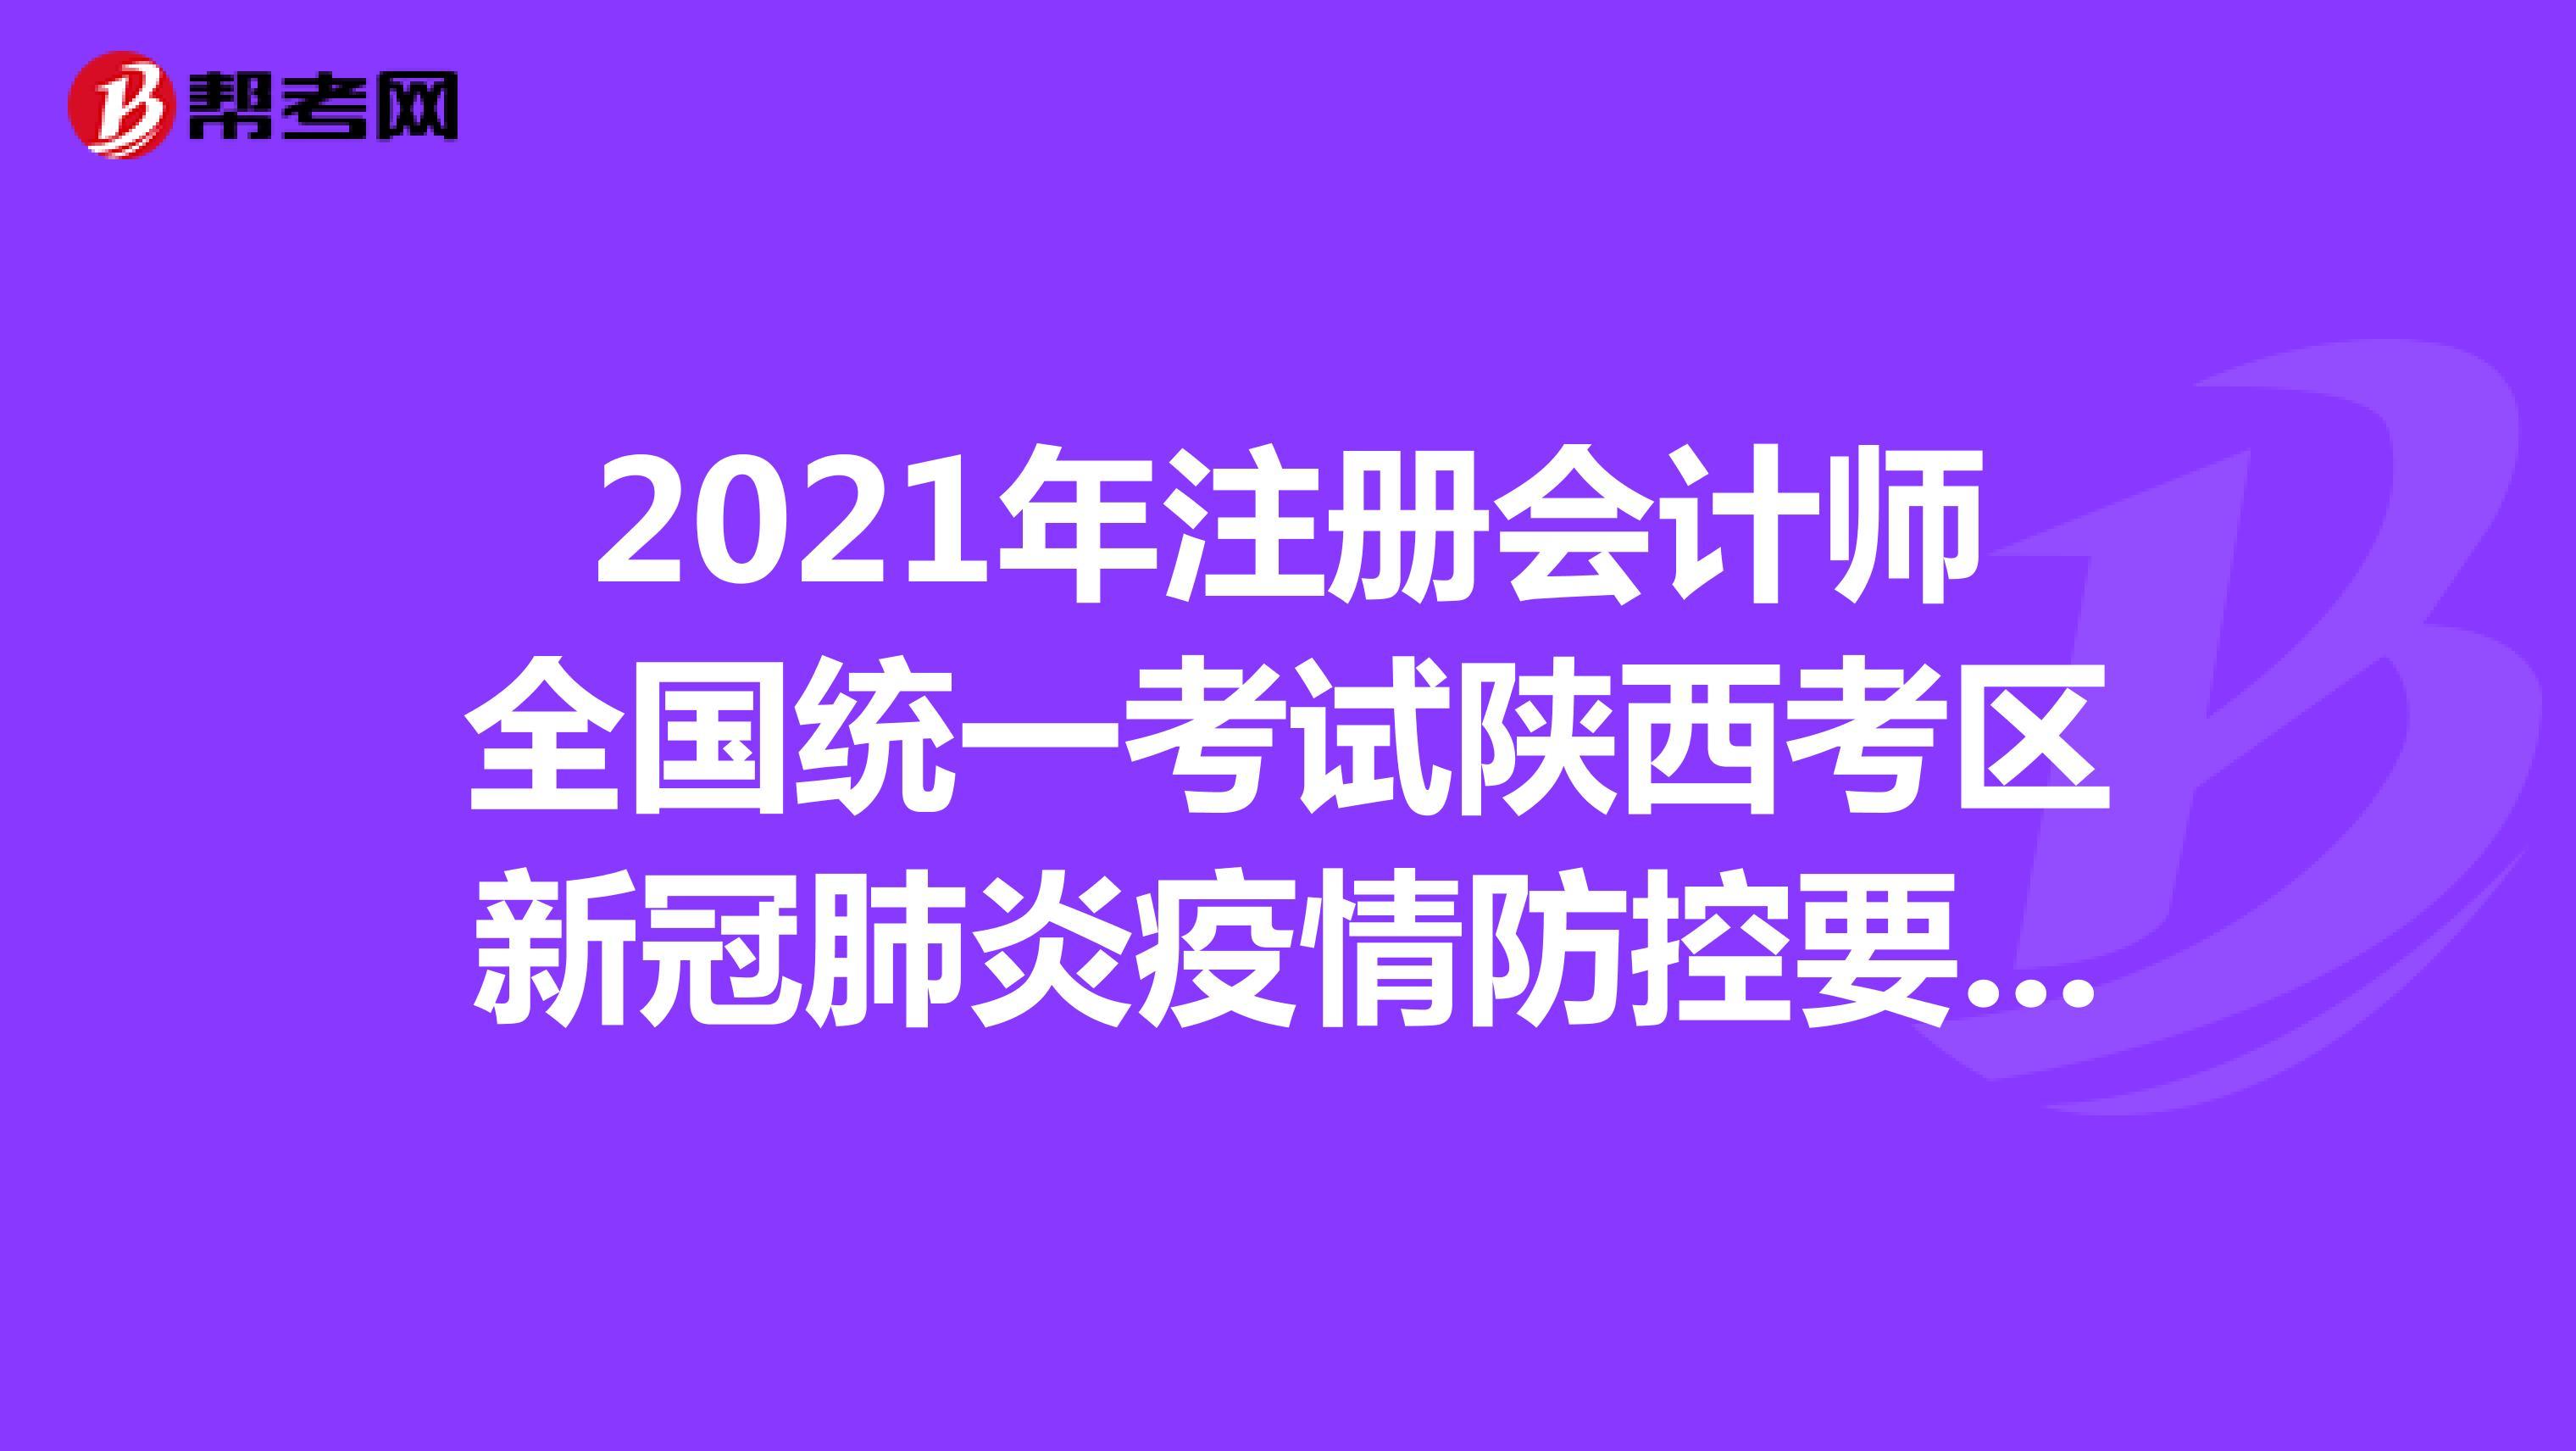 2021年注册会计师全国统一考试陕西考区新冠肺炎疫情防控要求考生告知书